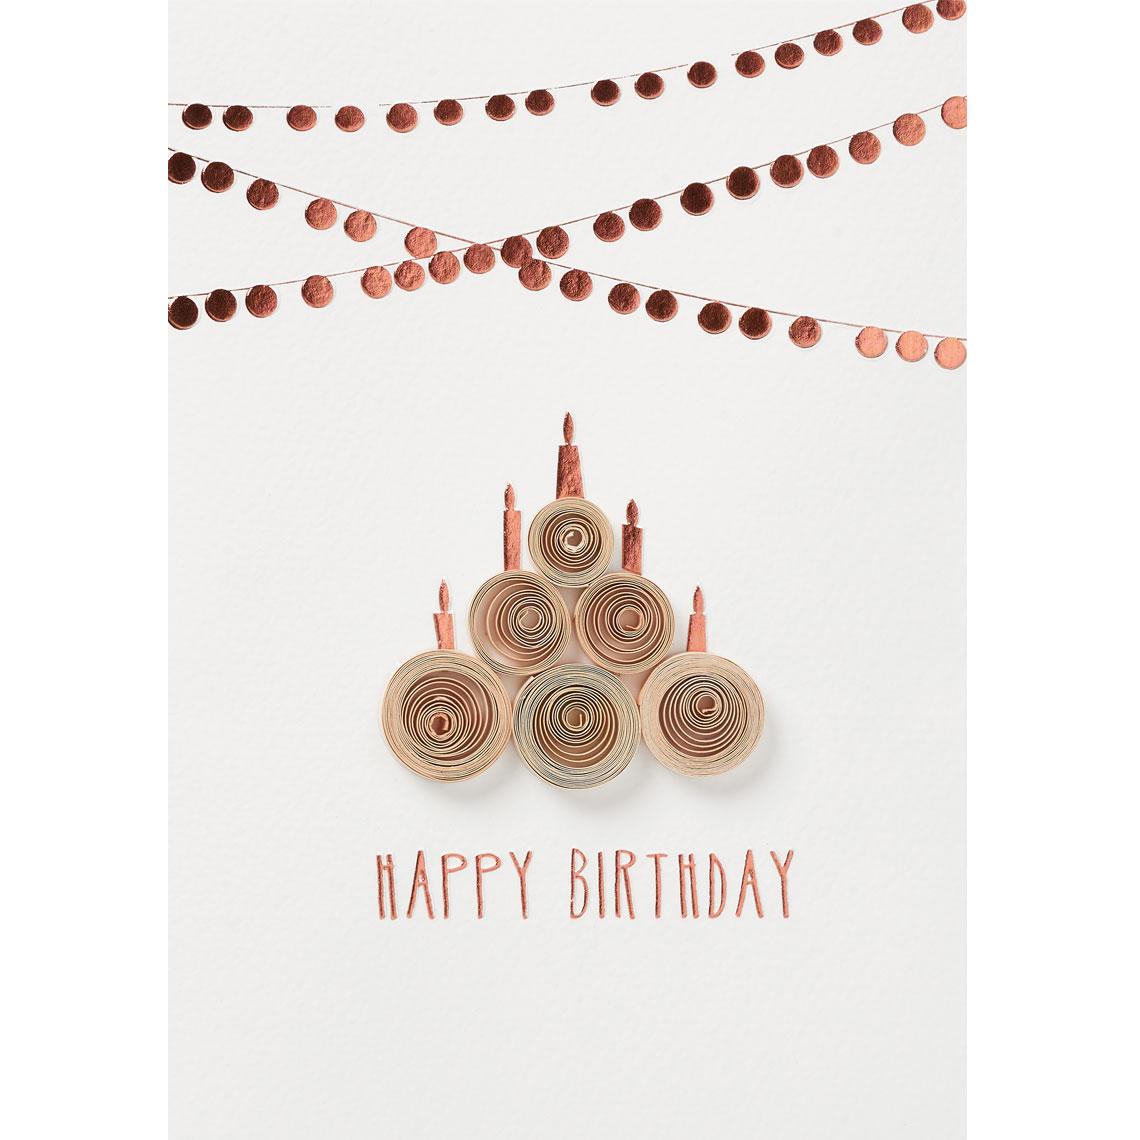 Happy Birthday Karte.Quilling Karte Happy Birthday